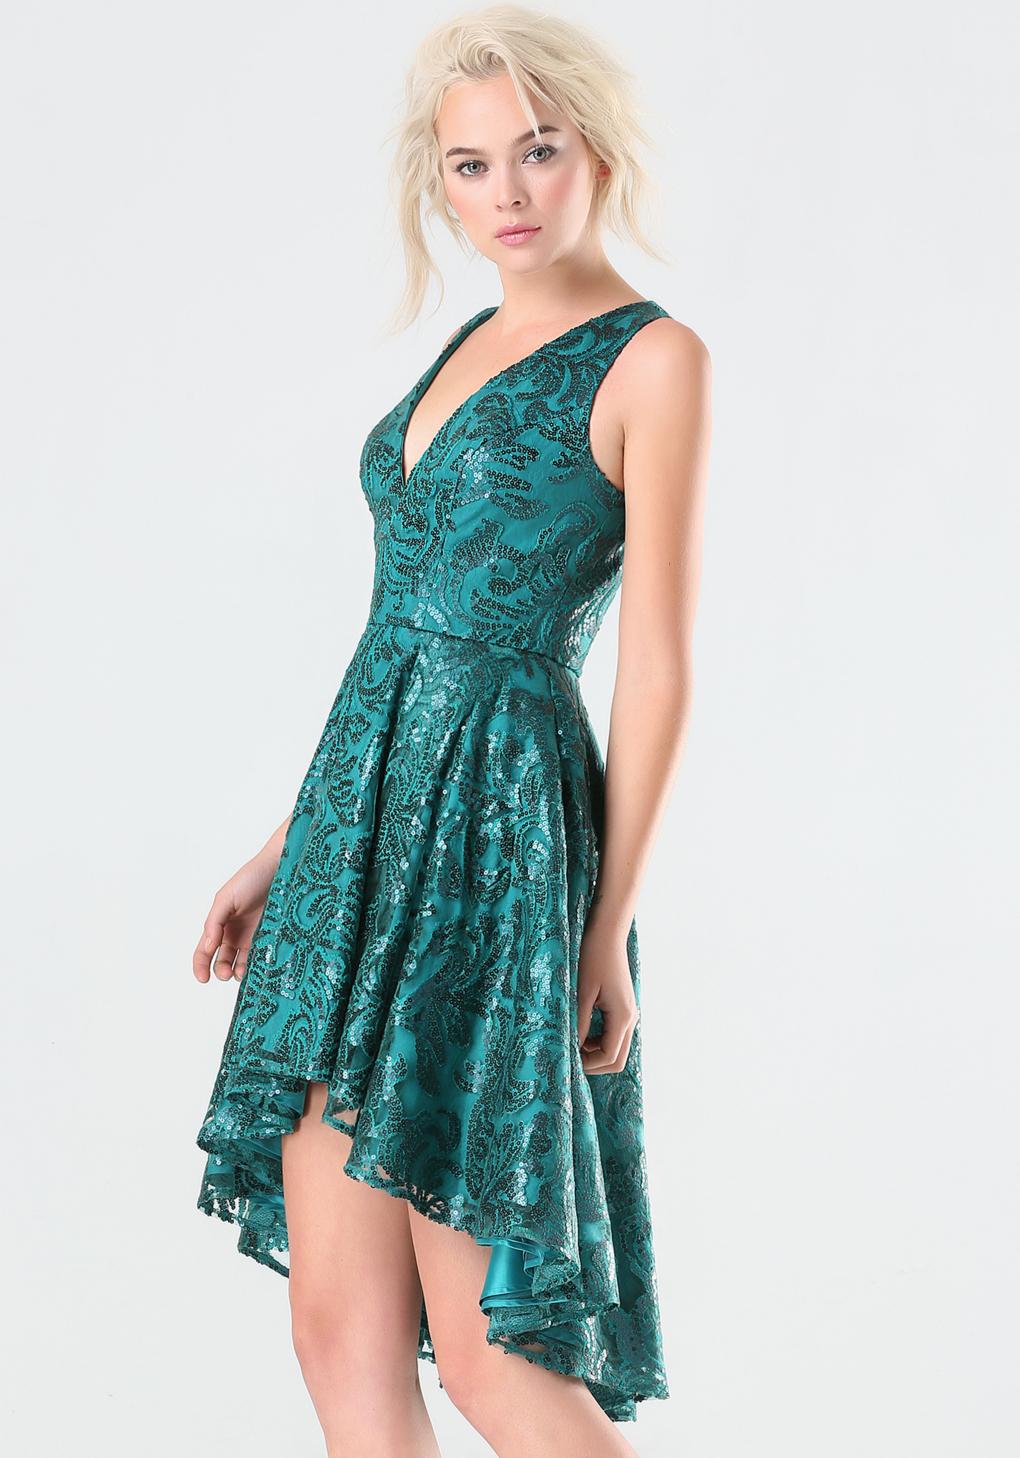 Lyst - Bebe Sequin Hi-lo Dress in Green